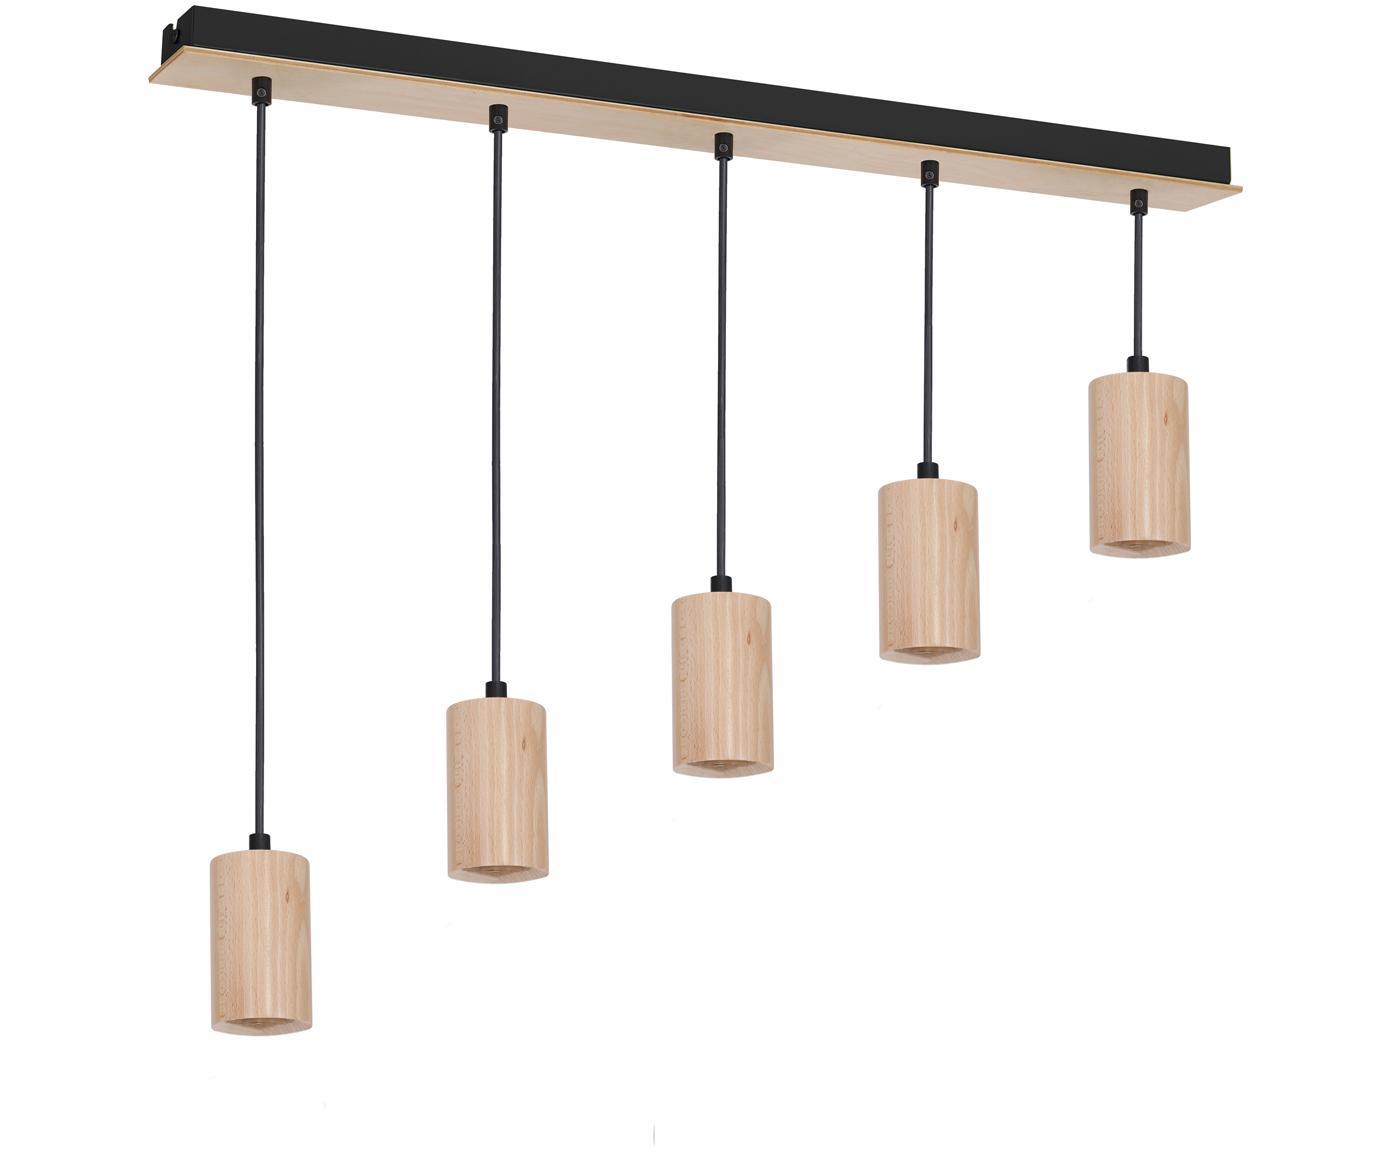 Pendelleuchte Lines aus Holz, Holz, Schwarz, 90 x 11 cm